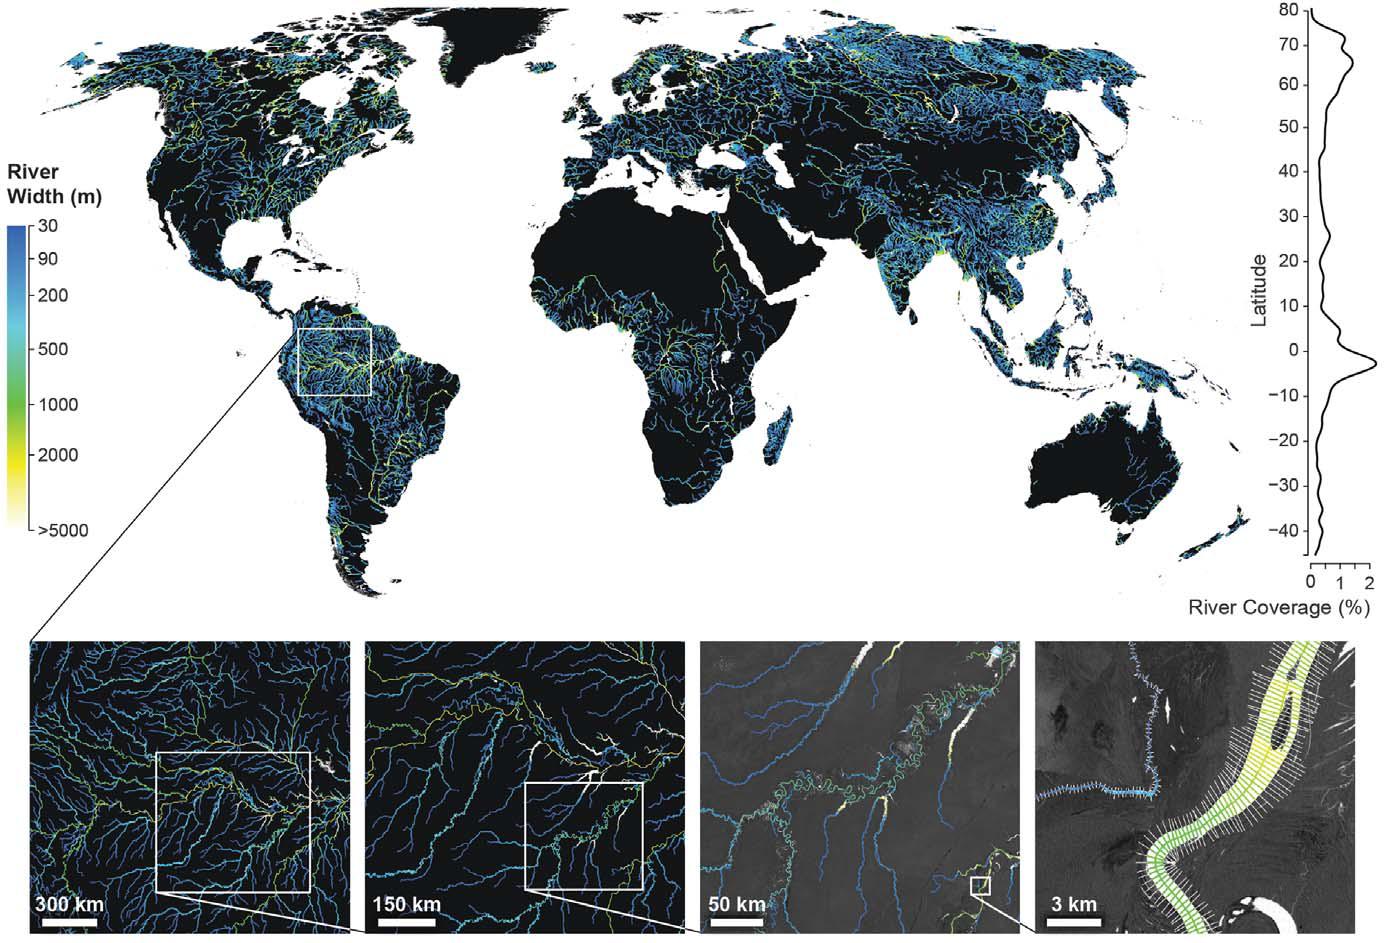 Szerokość największych rzek na Ziemi. W dolnej części grafiki, w powiększeniu pokazano jak ocena szerokości rzek wyglądała dla fragmentu Amazonki. Rys. Allen i Pavelsky, 2018.